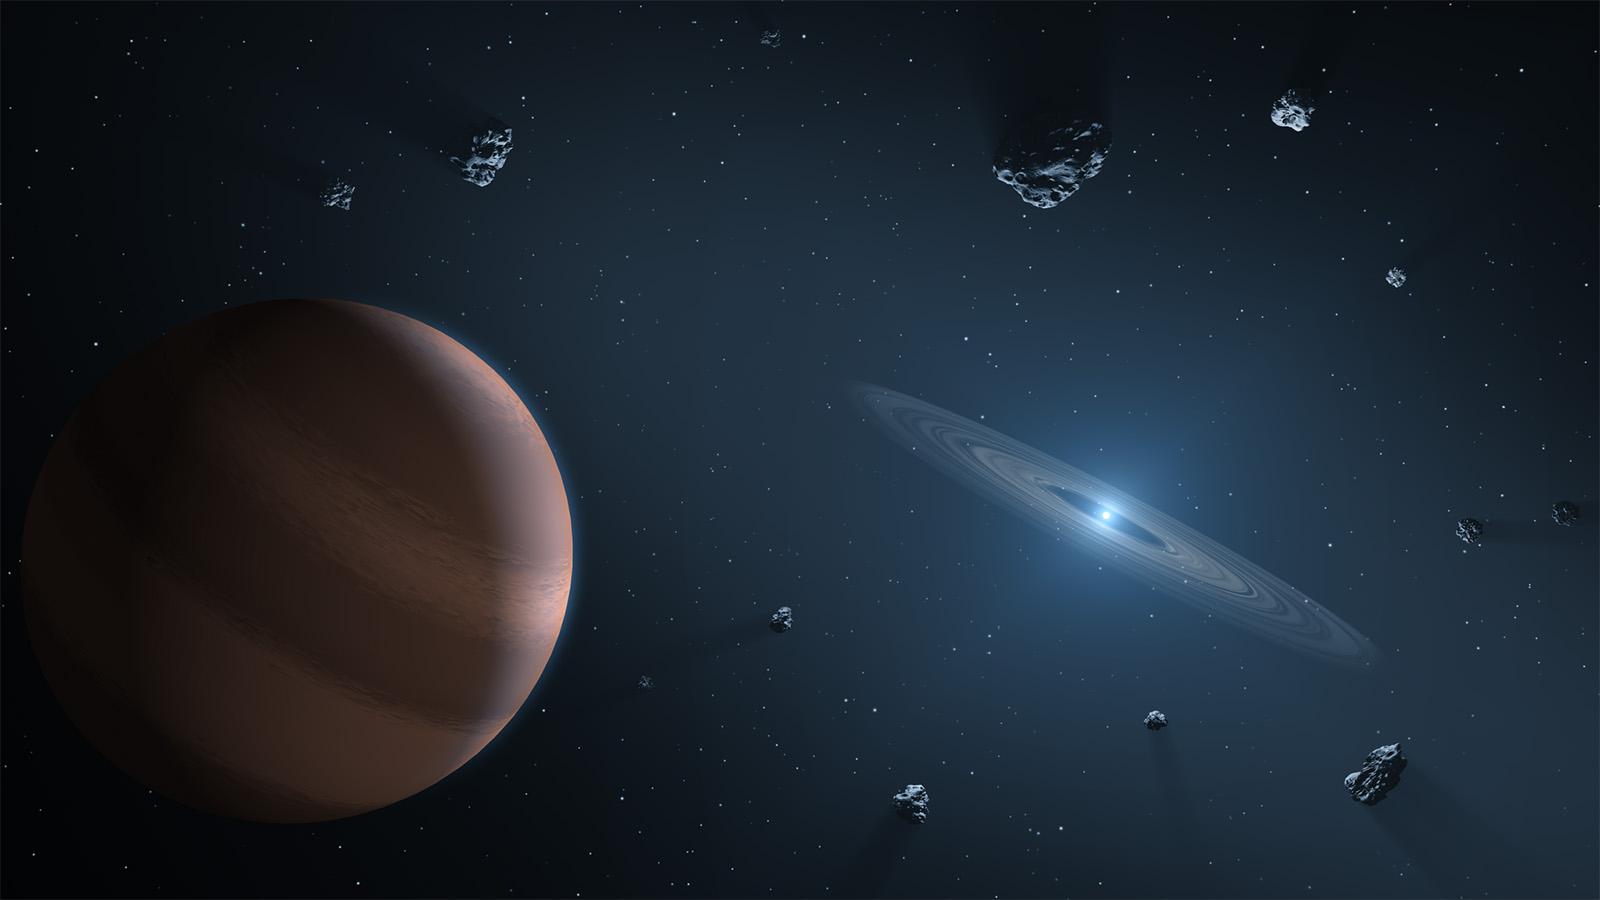 solar system alien concept - photo #2